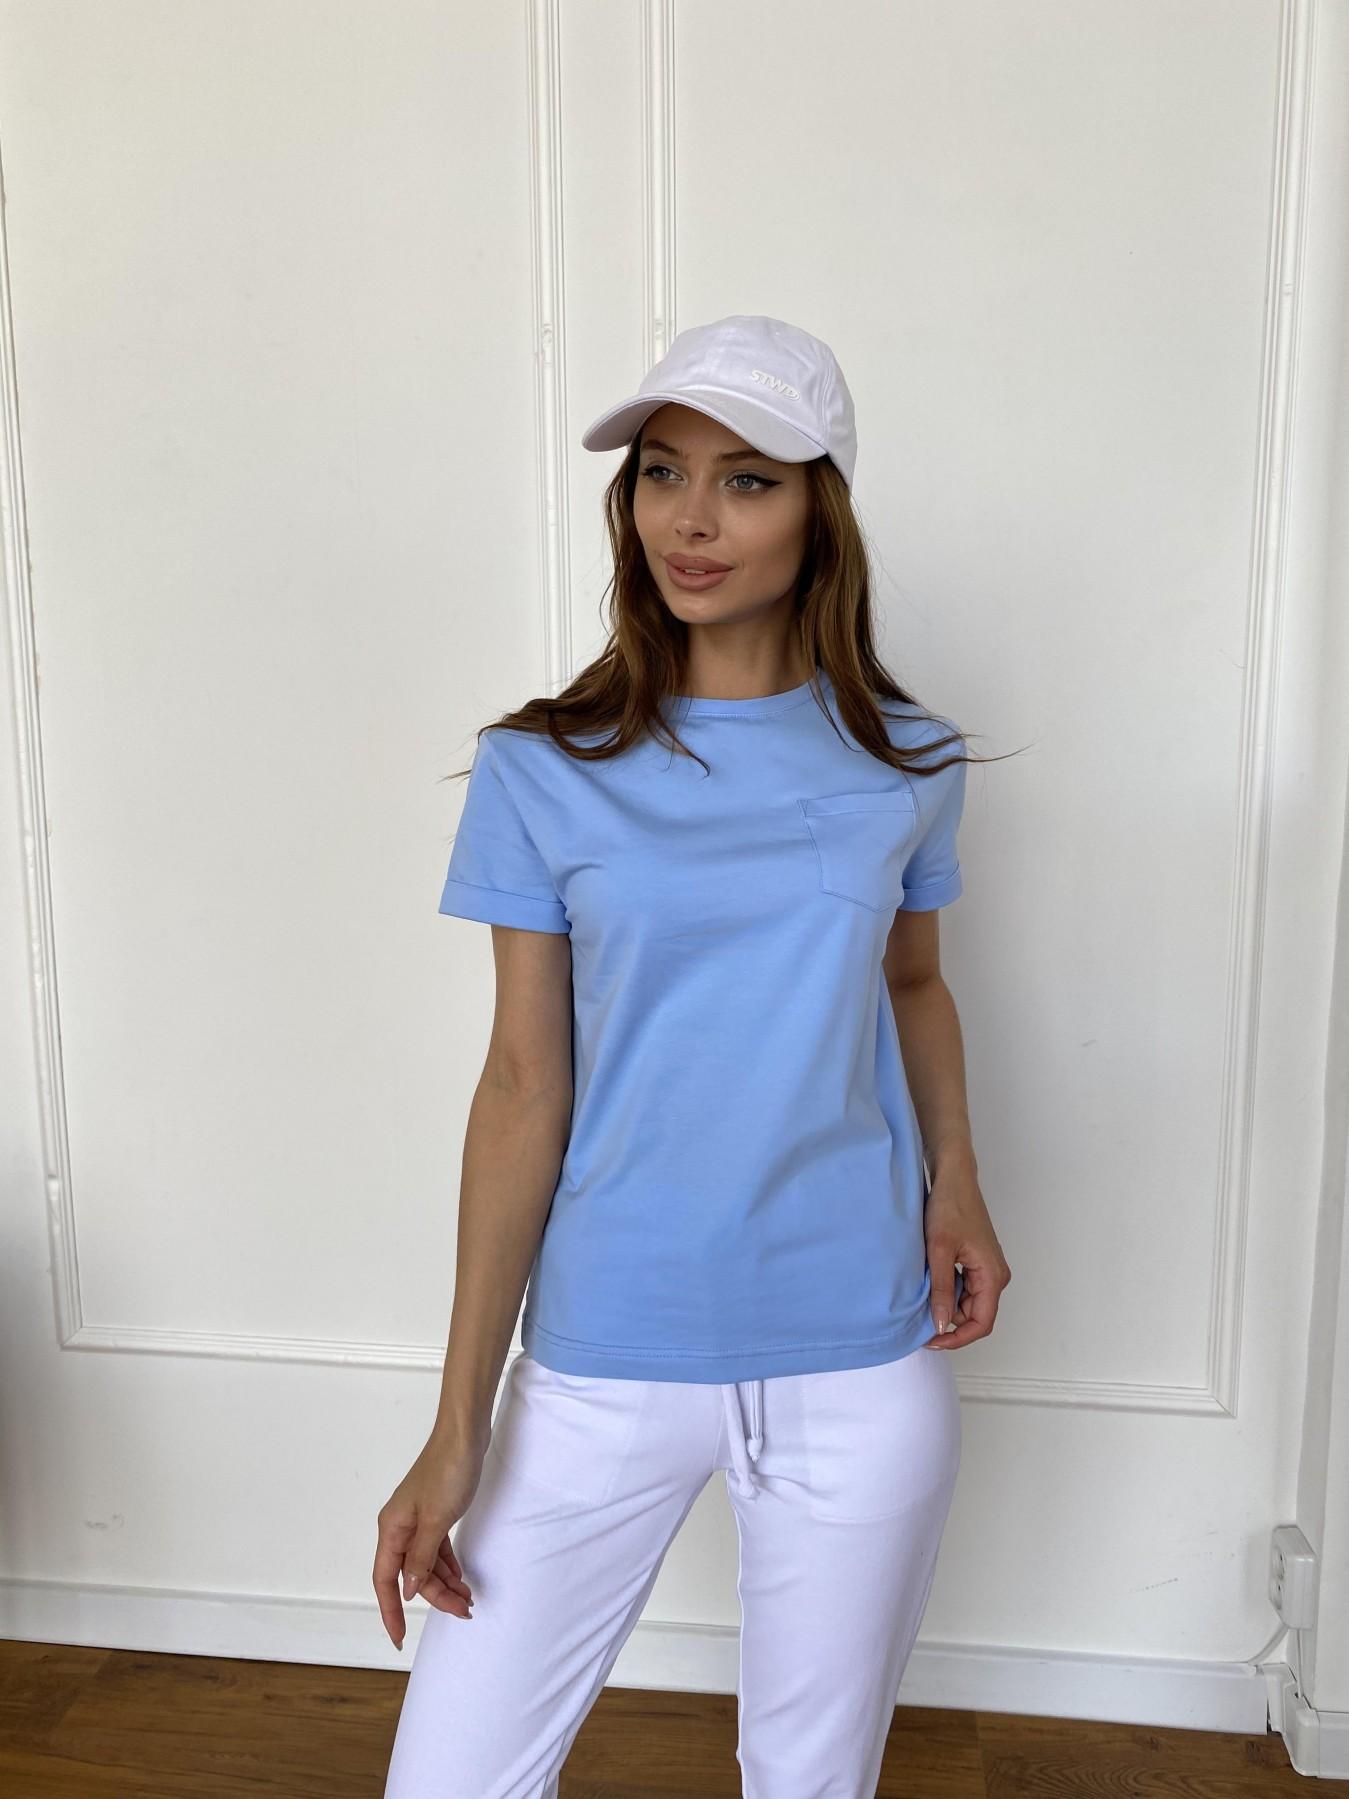 Вуди футболка из вискозы 11224 АРТ. 47878 Цвет: Голубой - фото 5, интернет магазин tm-modus.ru